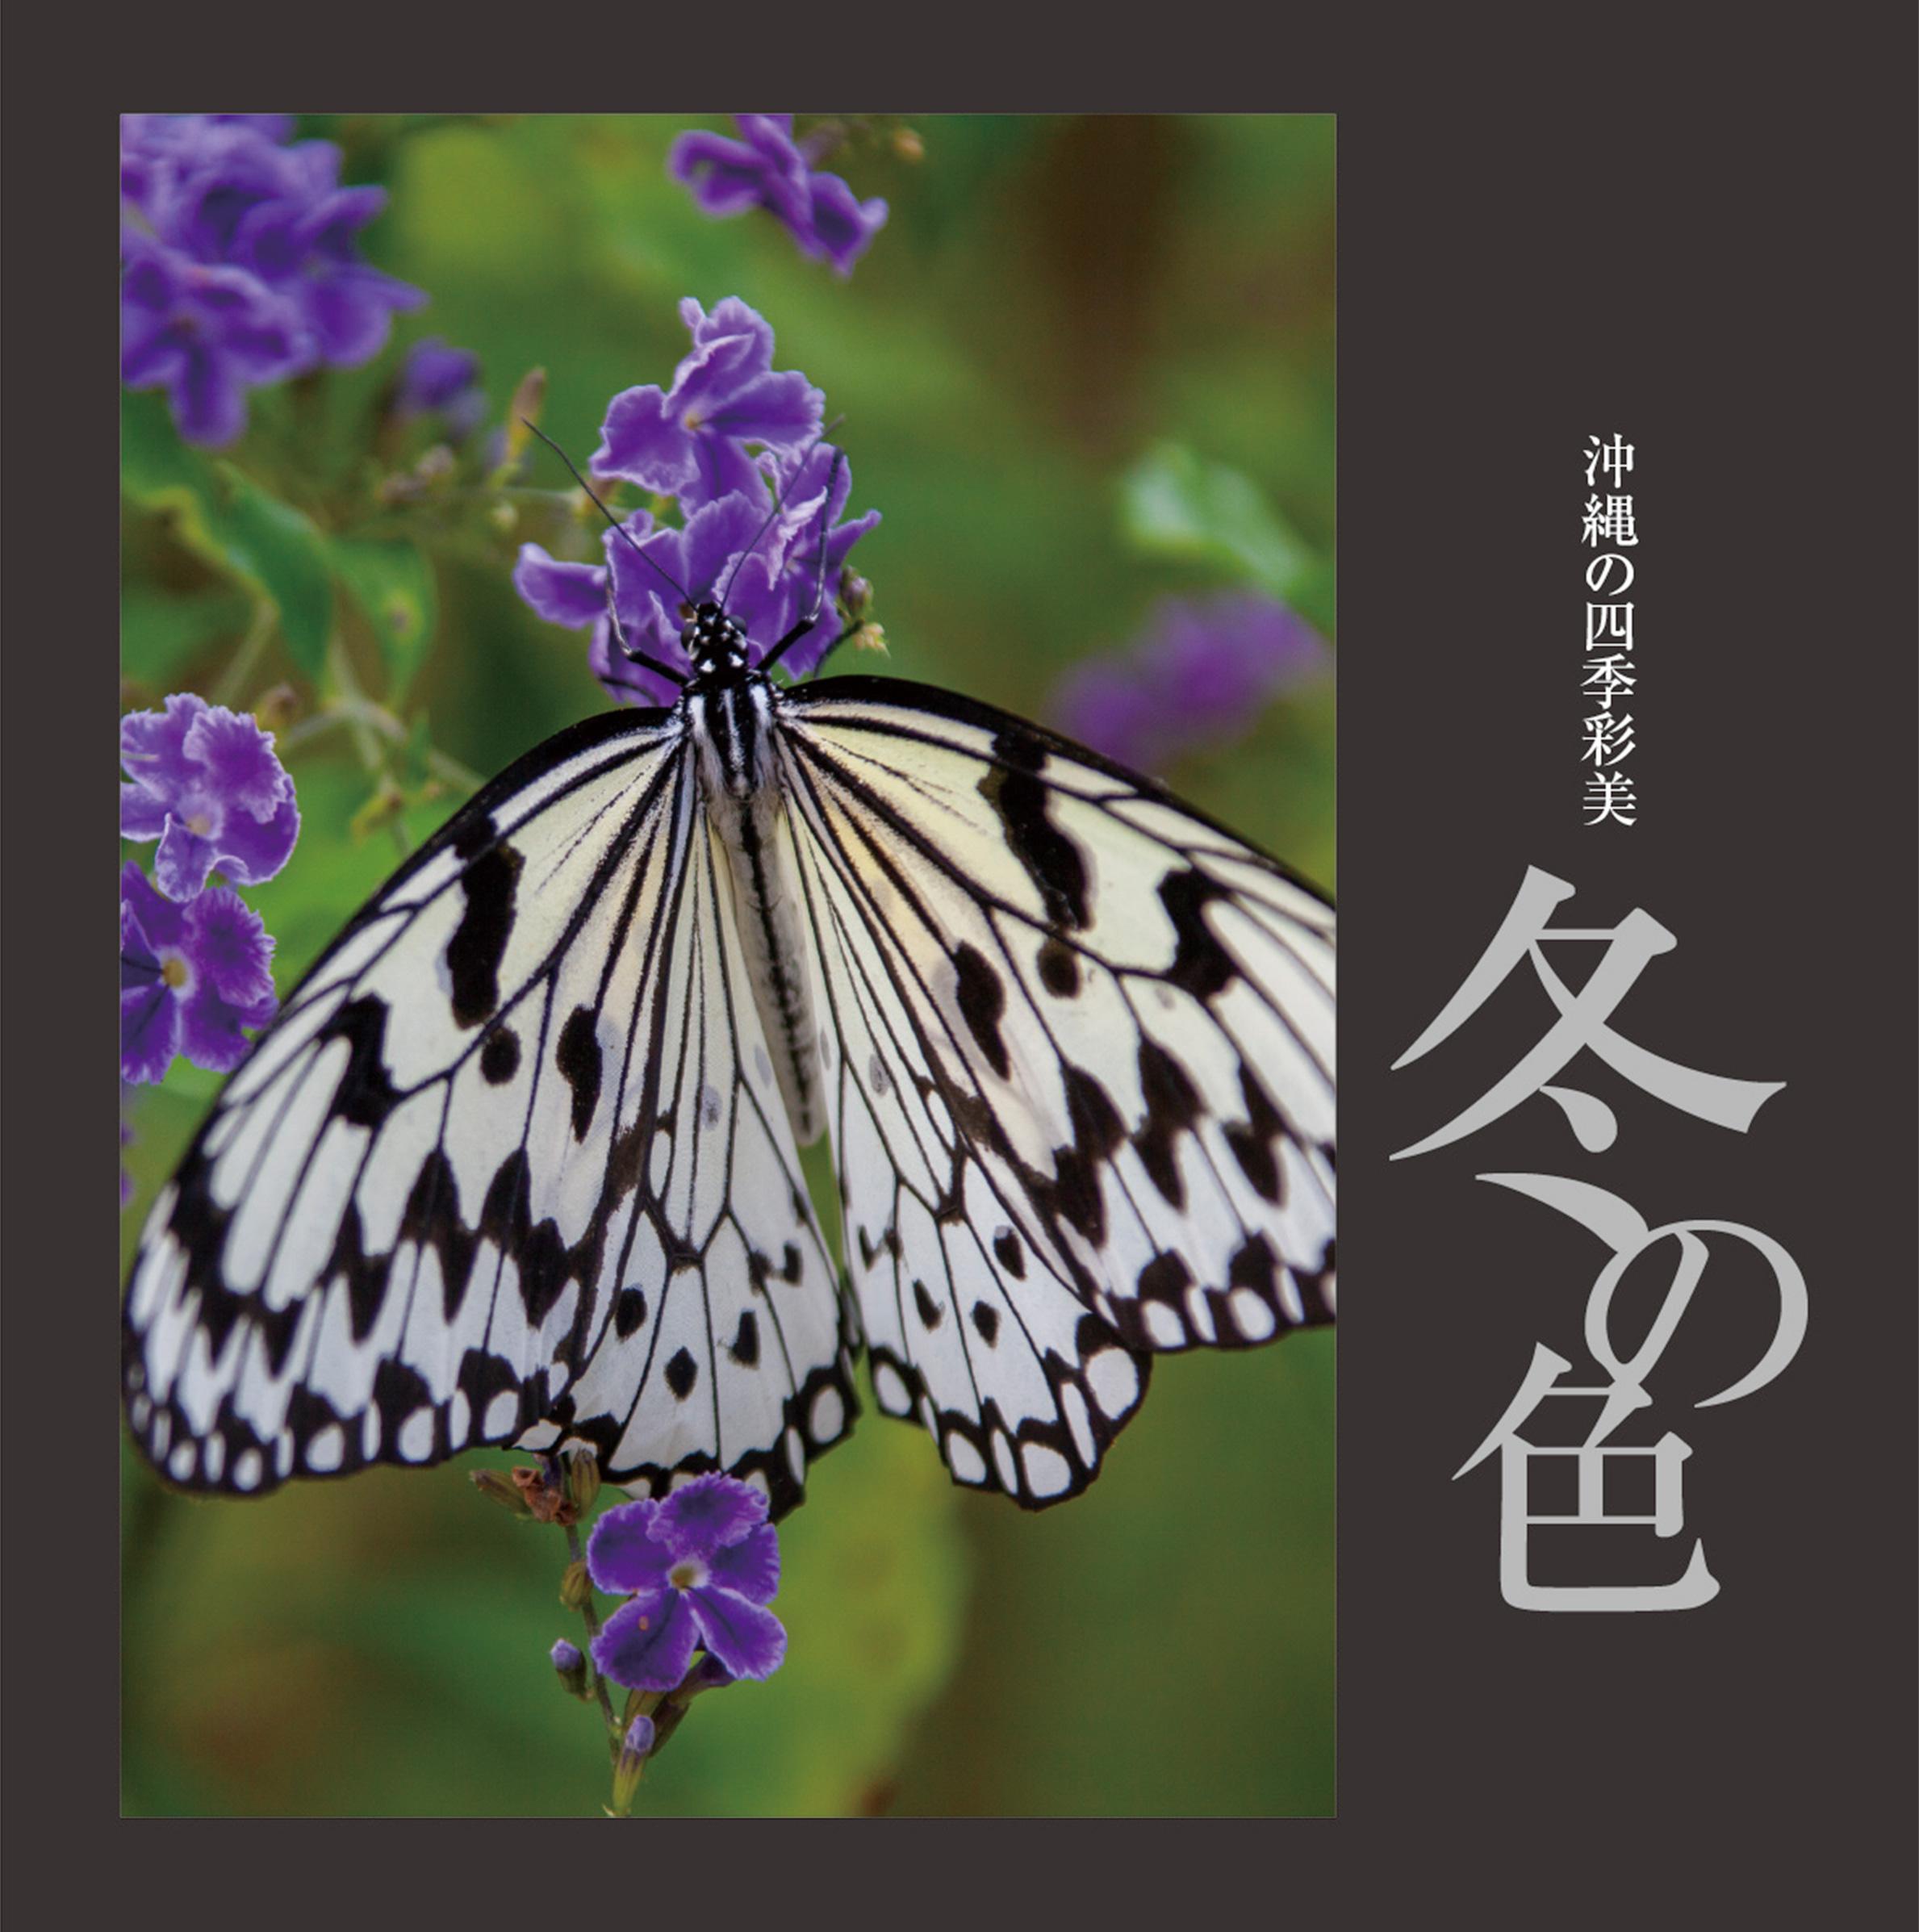 〜沖縄の四季彩美〜冬の色